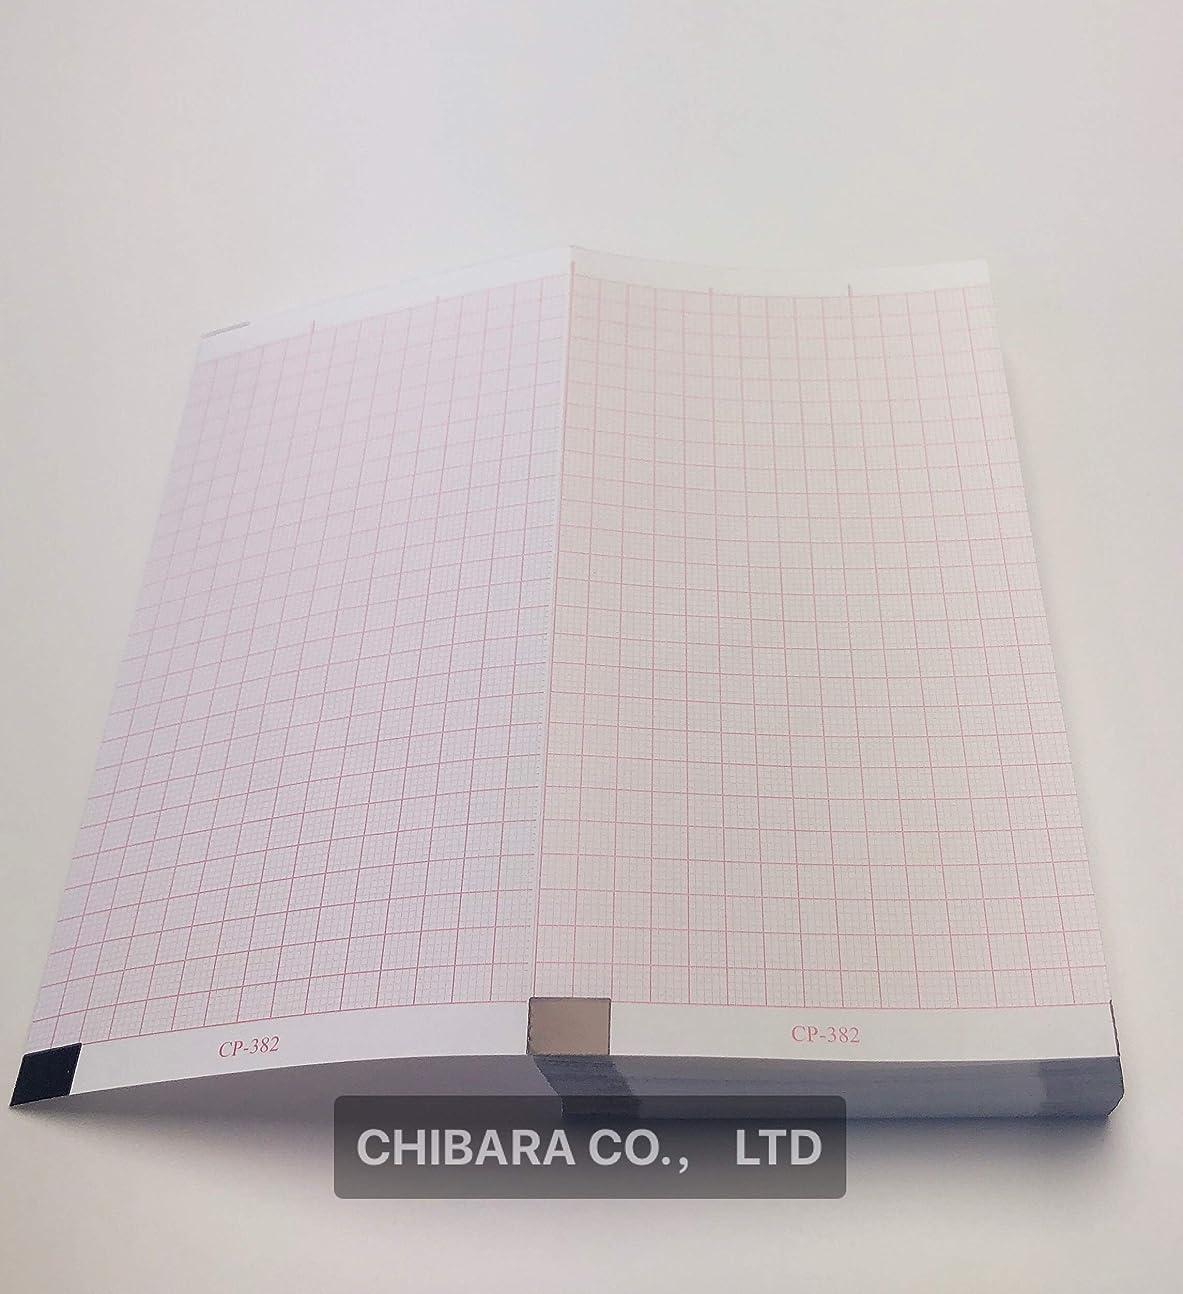 症候群ペデスタル空虚心電図記録紙(折り畳み型)CP-382(20冊入)